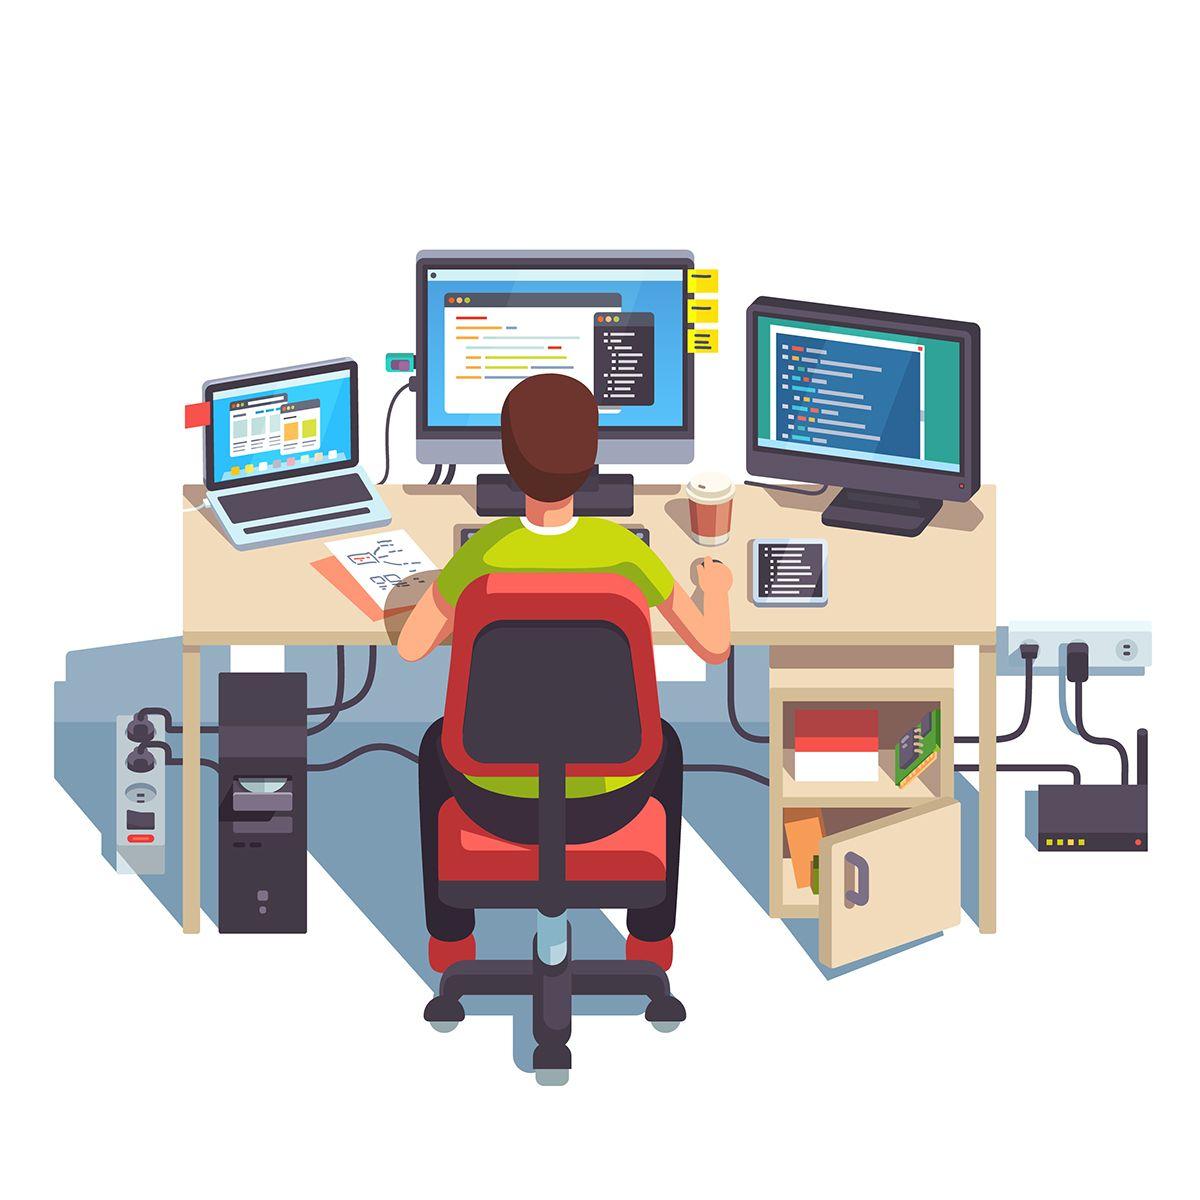 data entry clerk nên biết sử dụng các phần mềm như thế nào để đạt hiệu quả công việc?